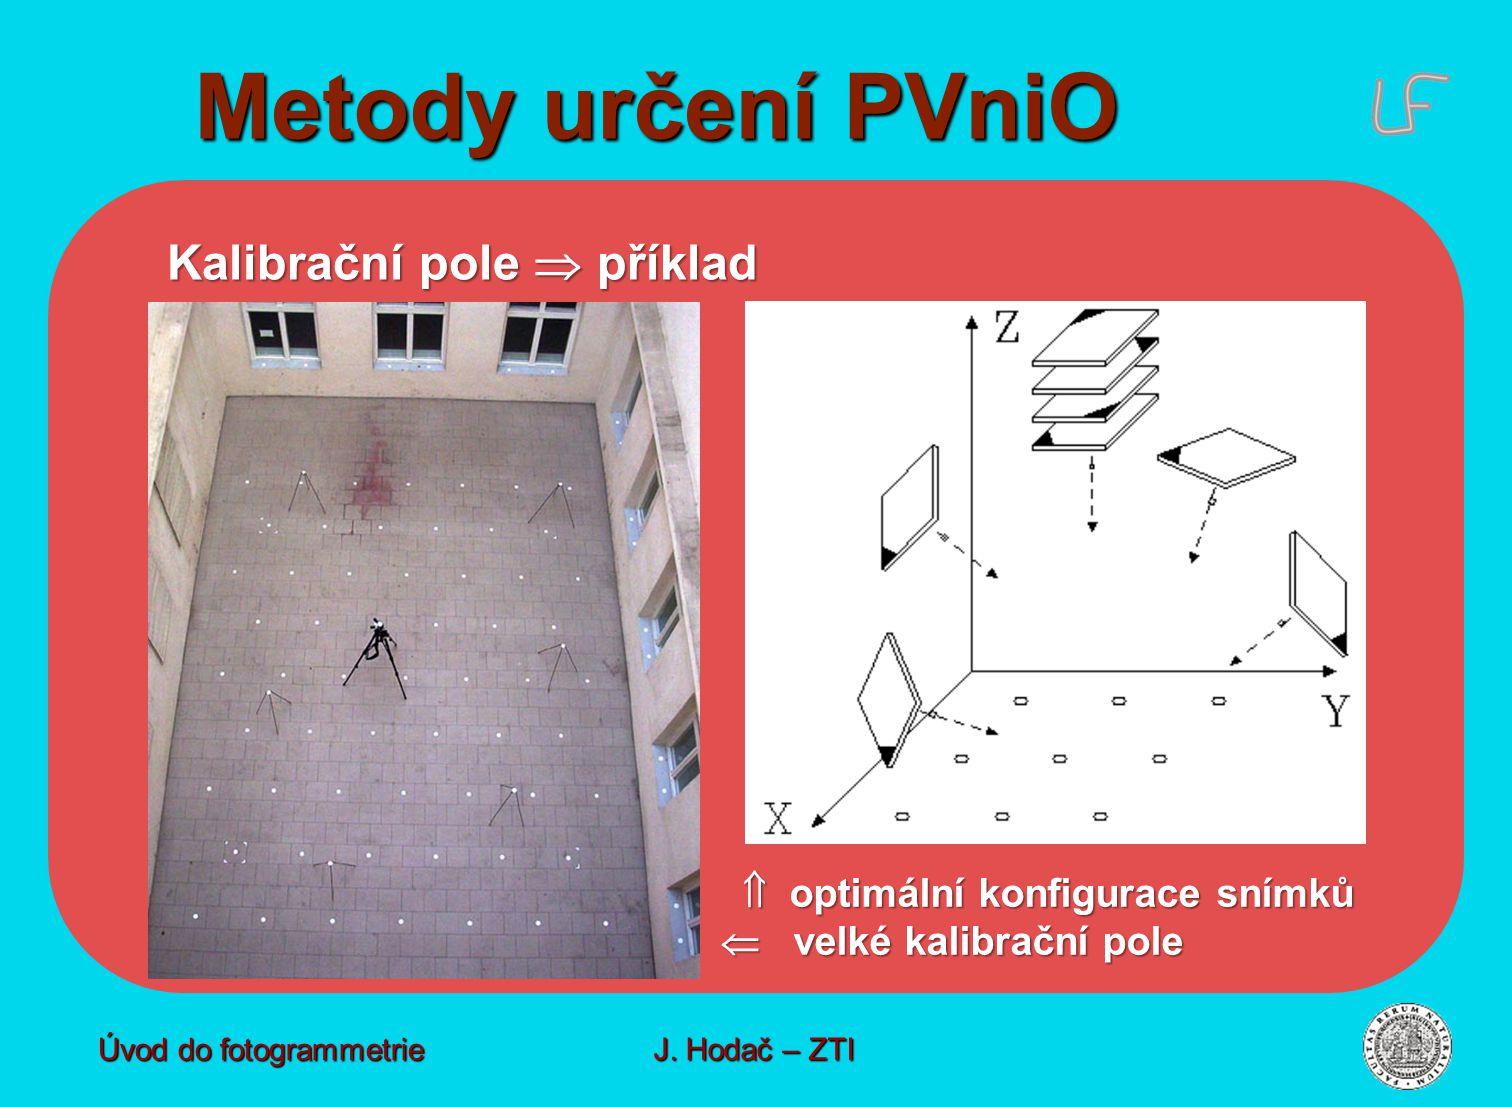 Metody určení PVniO Úvod do fotogrammetrie J. Hodač – ZTI Kalibrační pole  příklad  optimální konfigurace snímků  velké kalibrační pole  optimální